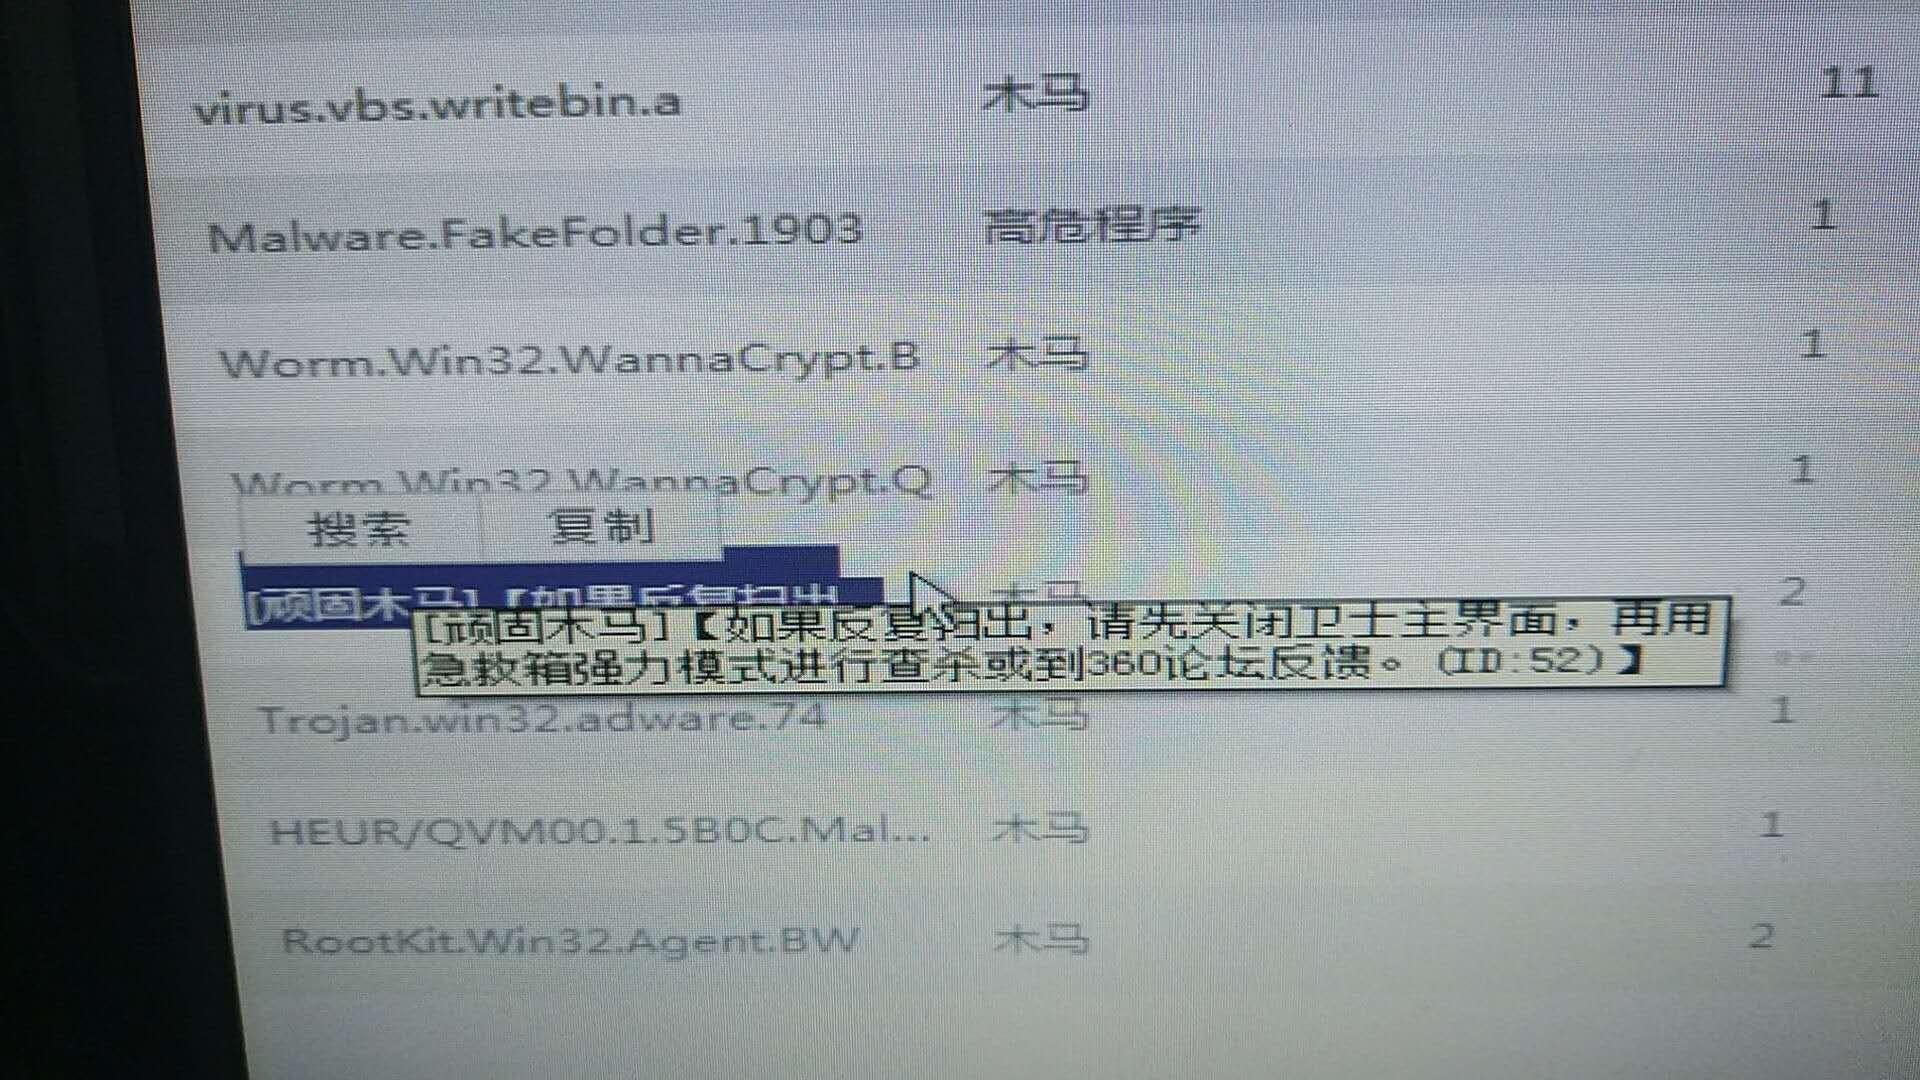 这个病毒怎样杀,电脑管家检测不出有病毒